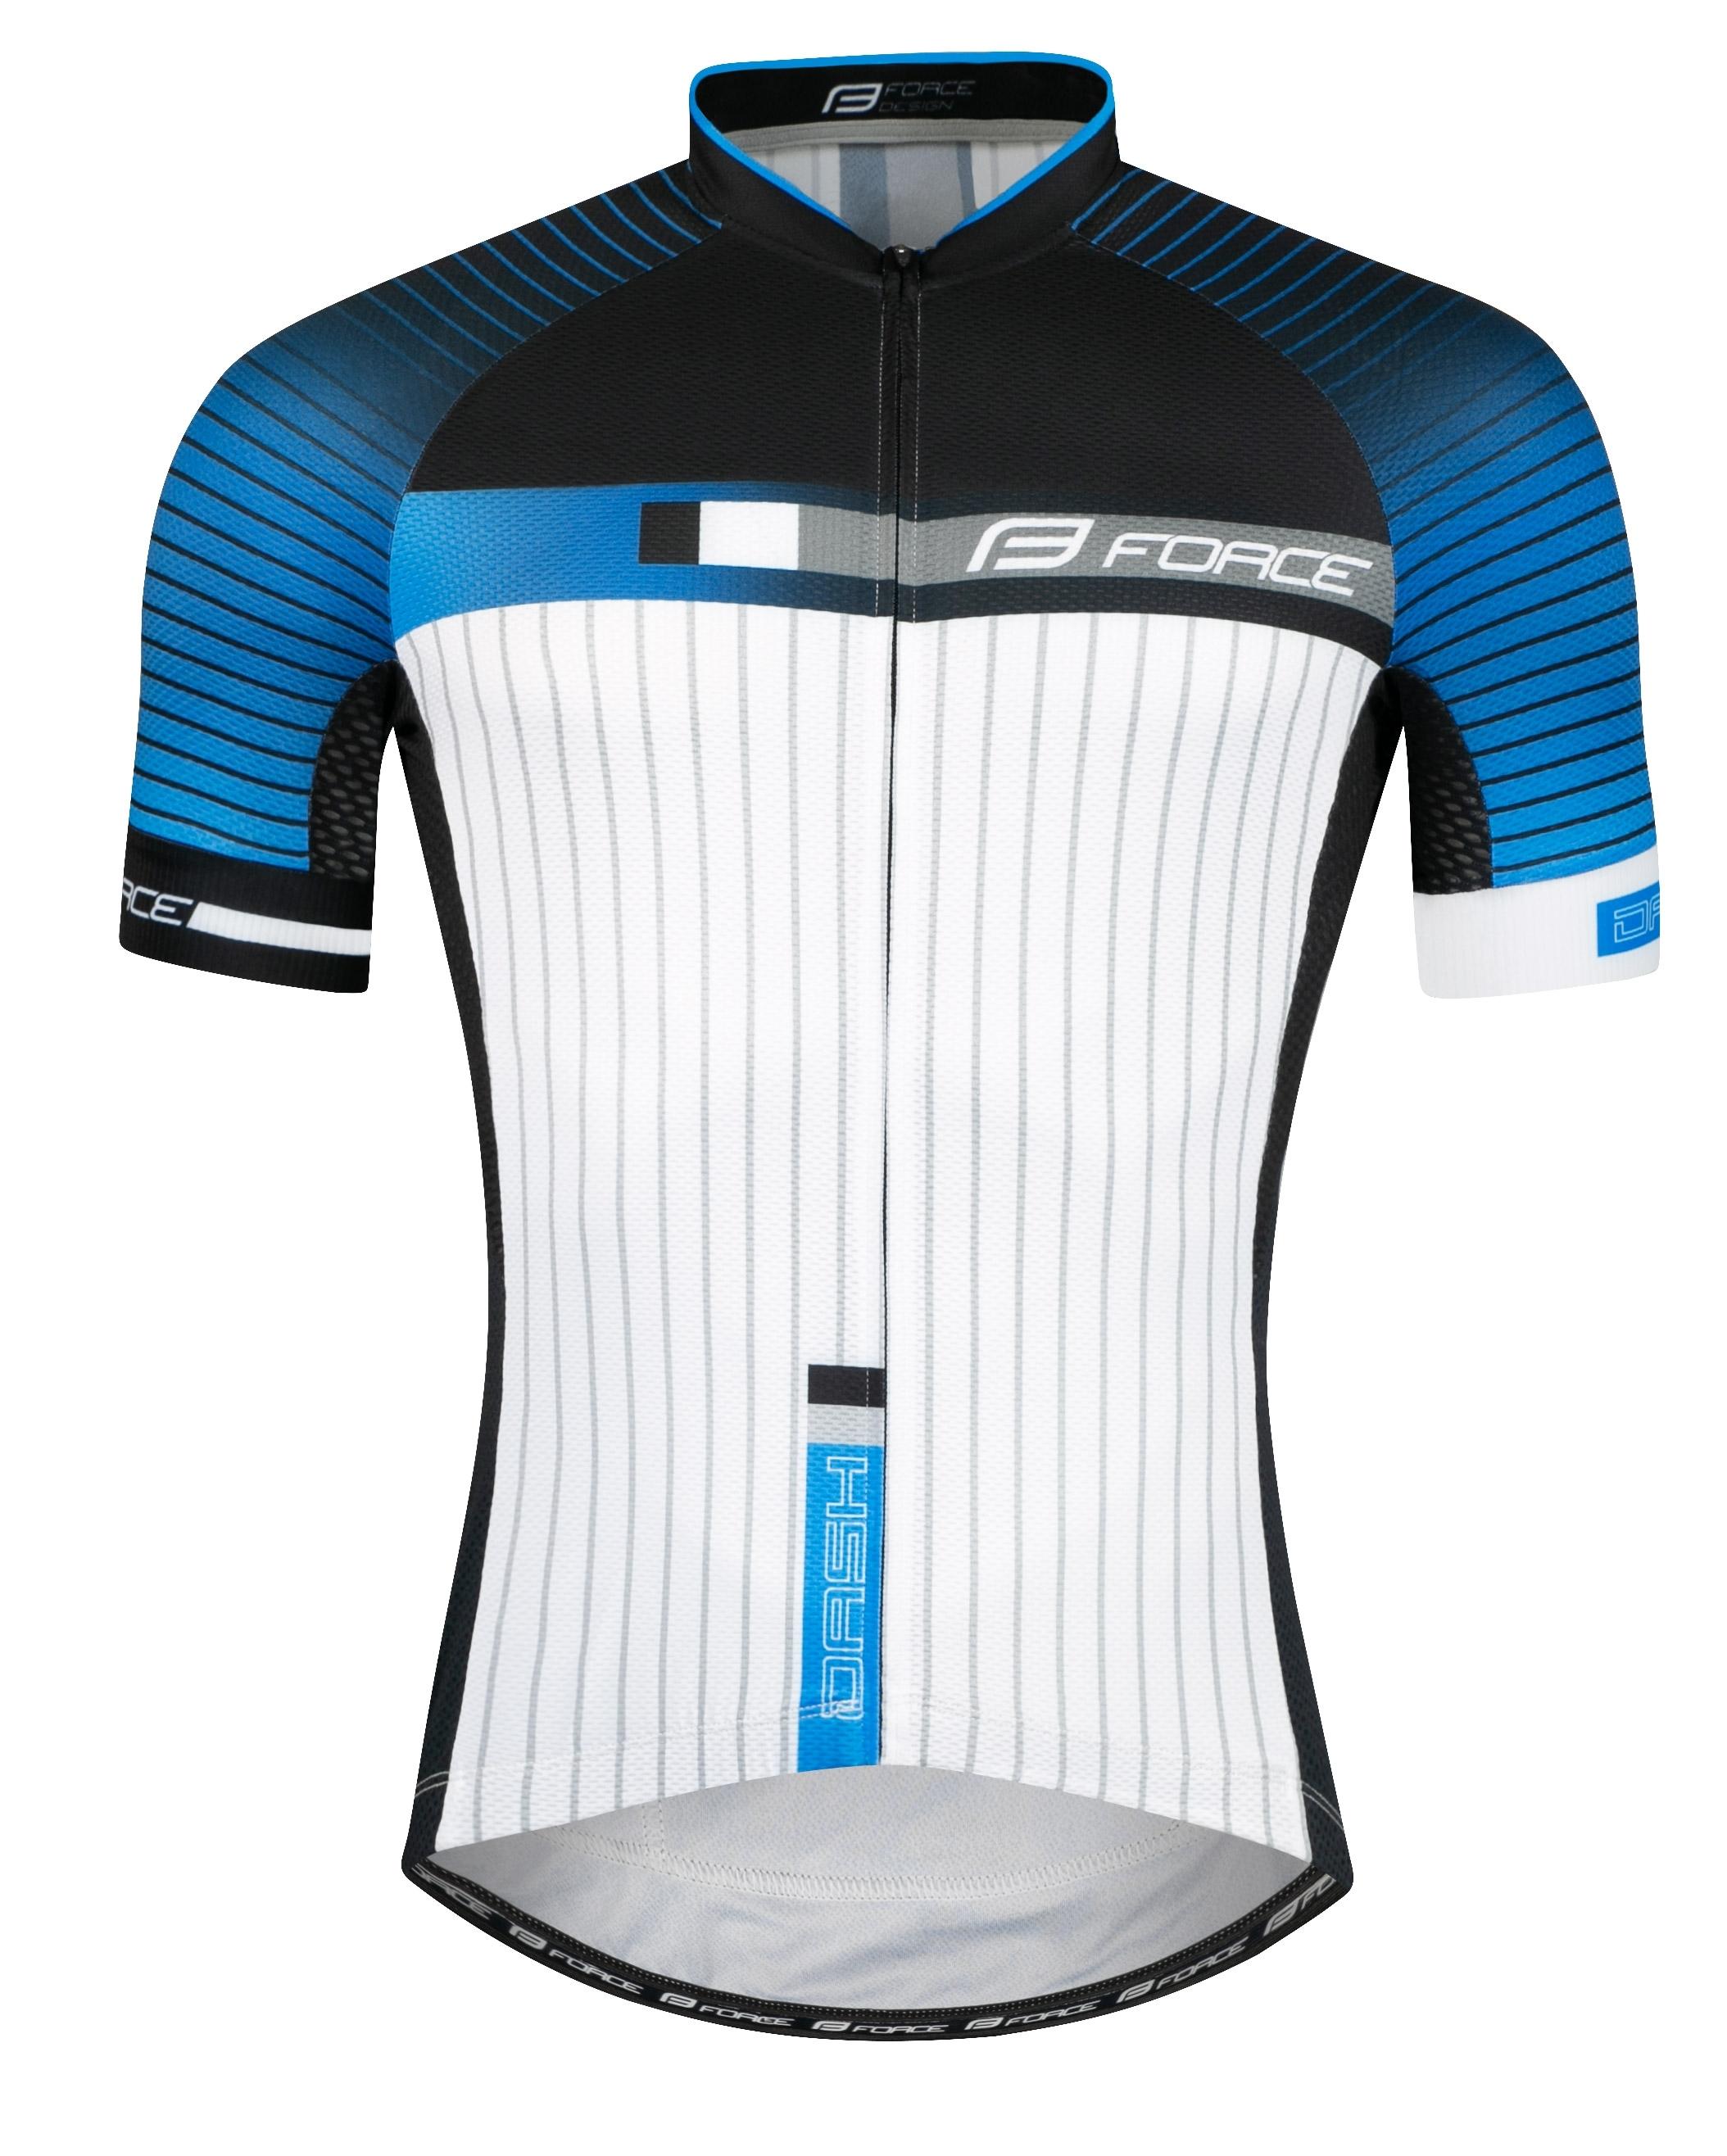 dres FORCE DASH krátký rukáv,modro-černo-bílý M